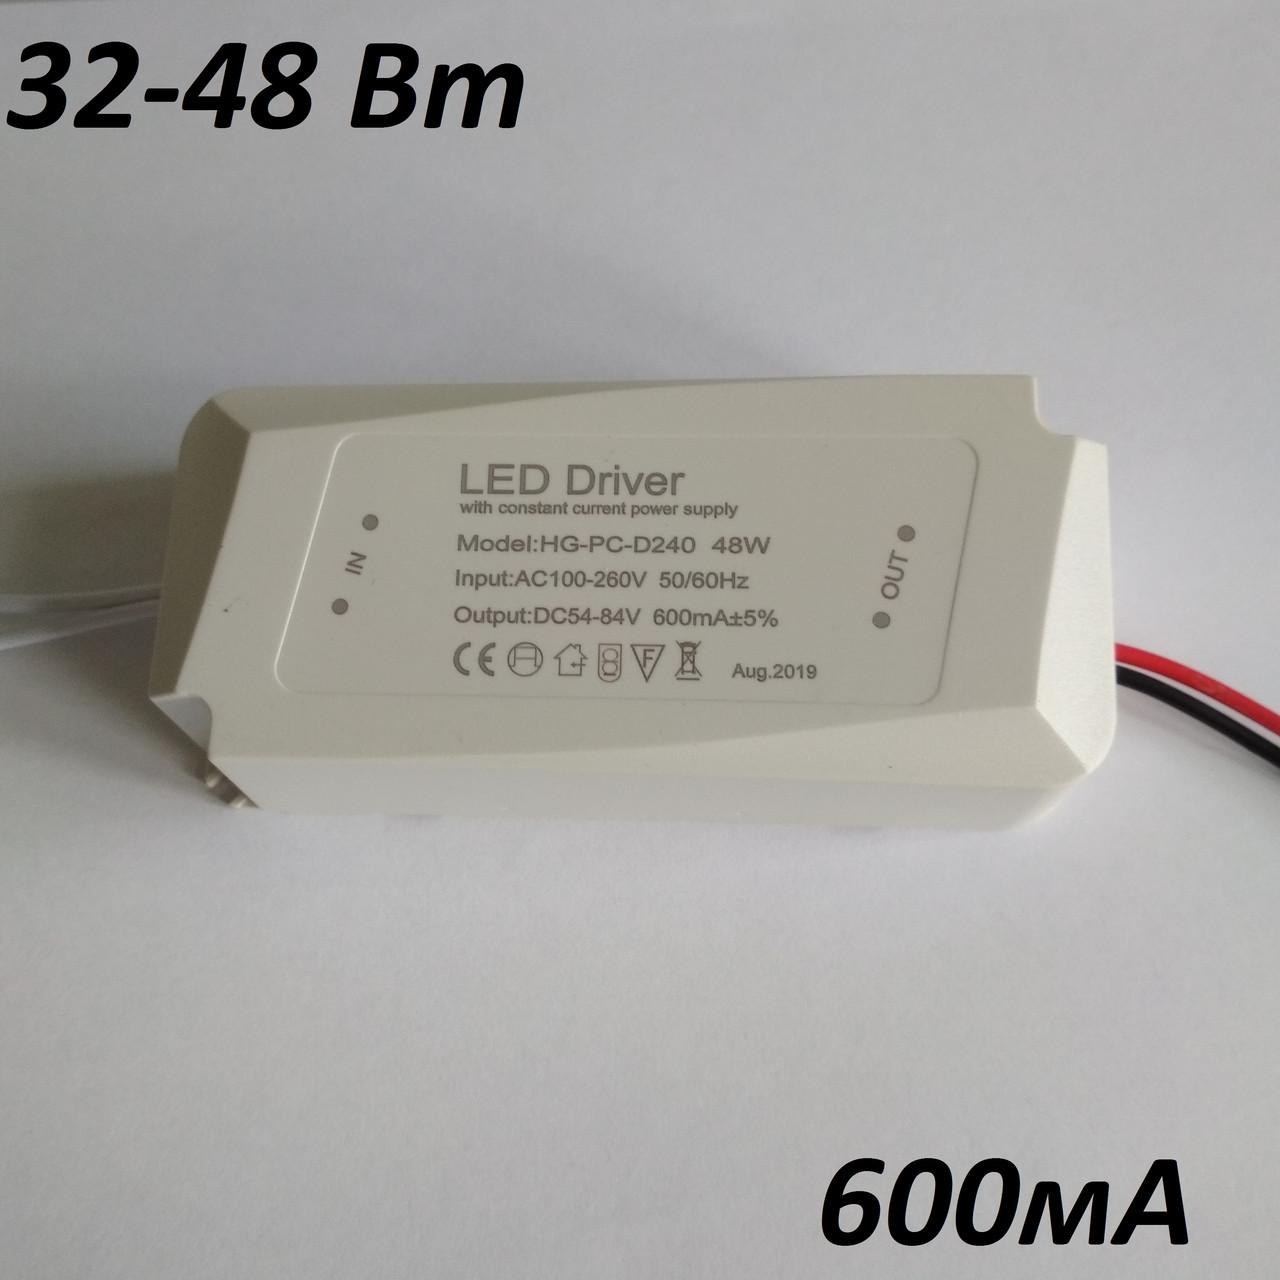 Драйвер для светодиодов 32-48 Вт, 600 мА, 54-84 В